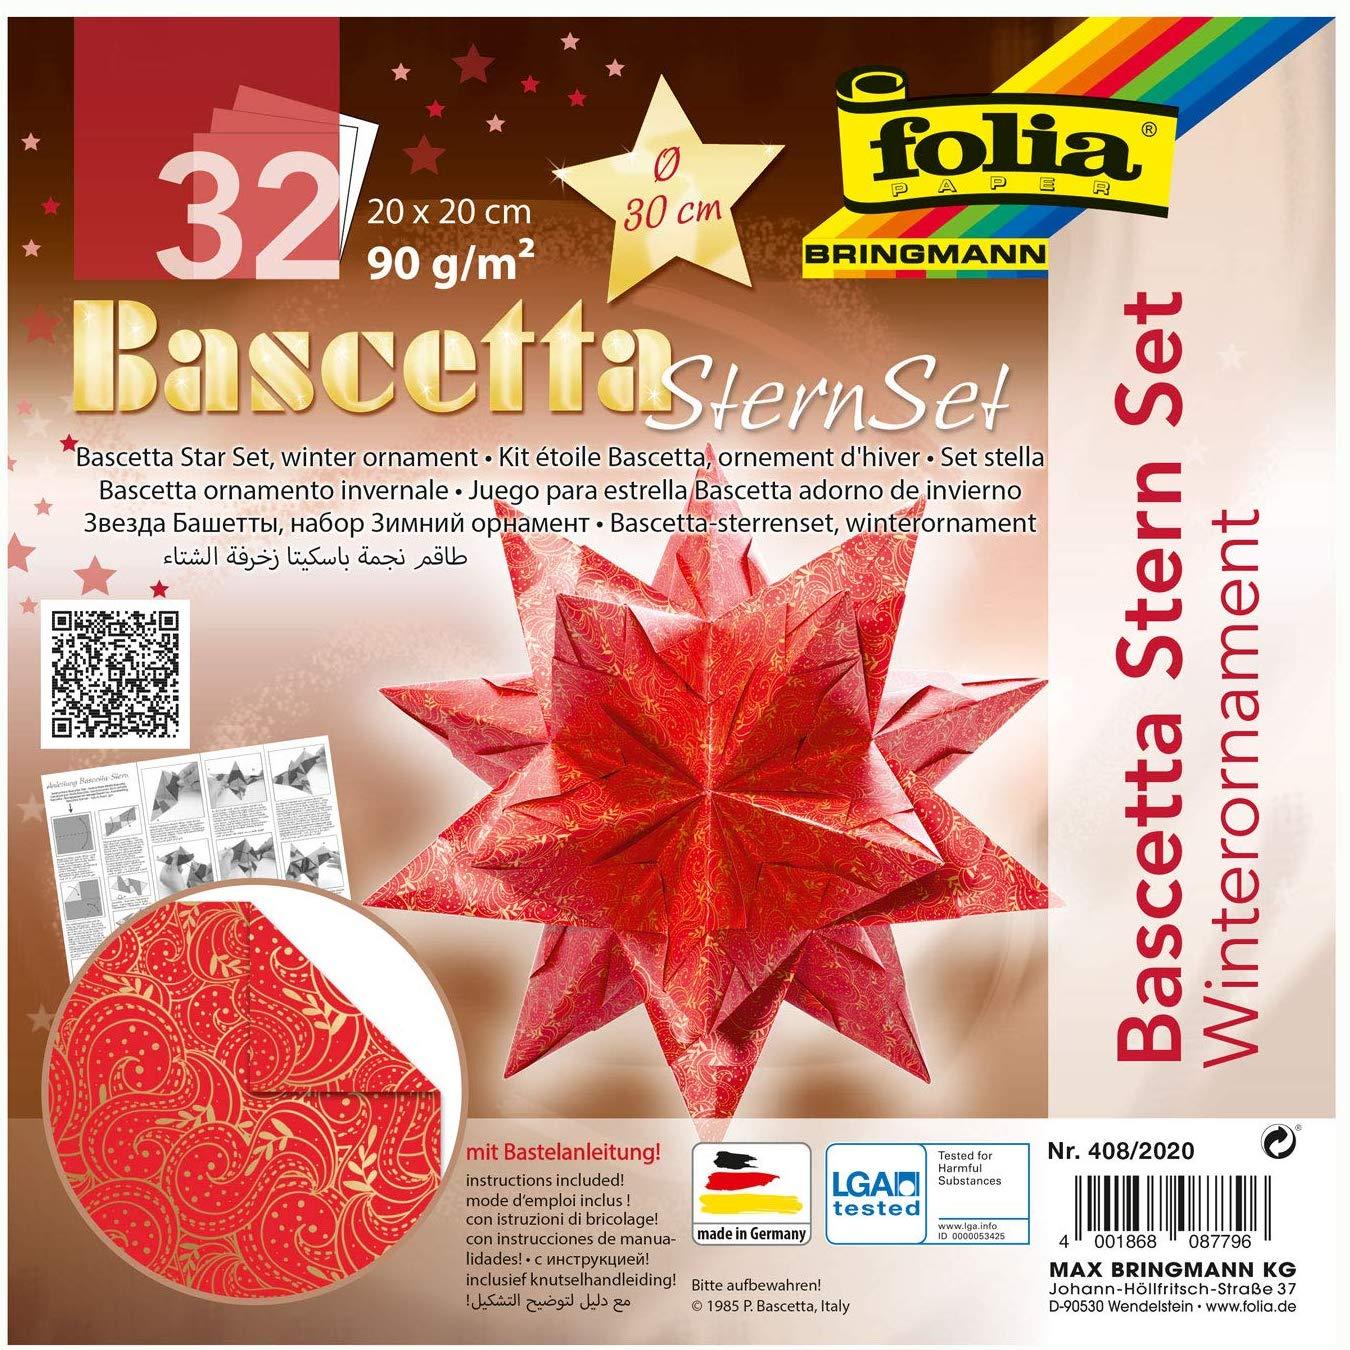 folia 408/2020 - Bastelset Bascetta Stern Winterornament rot/gold, 32 Blatt, 20 x 20 cm, fertige Grö